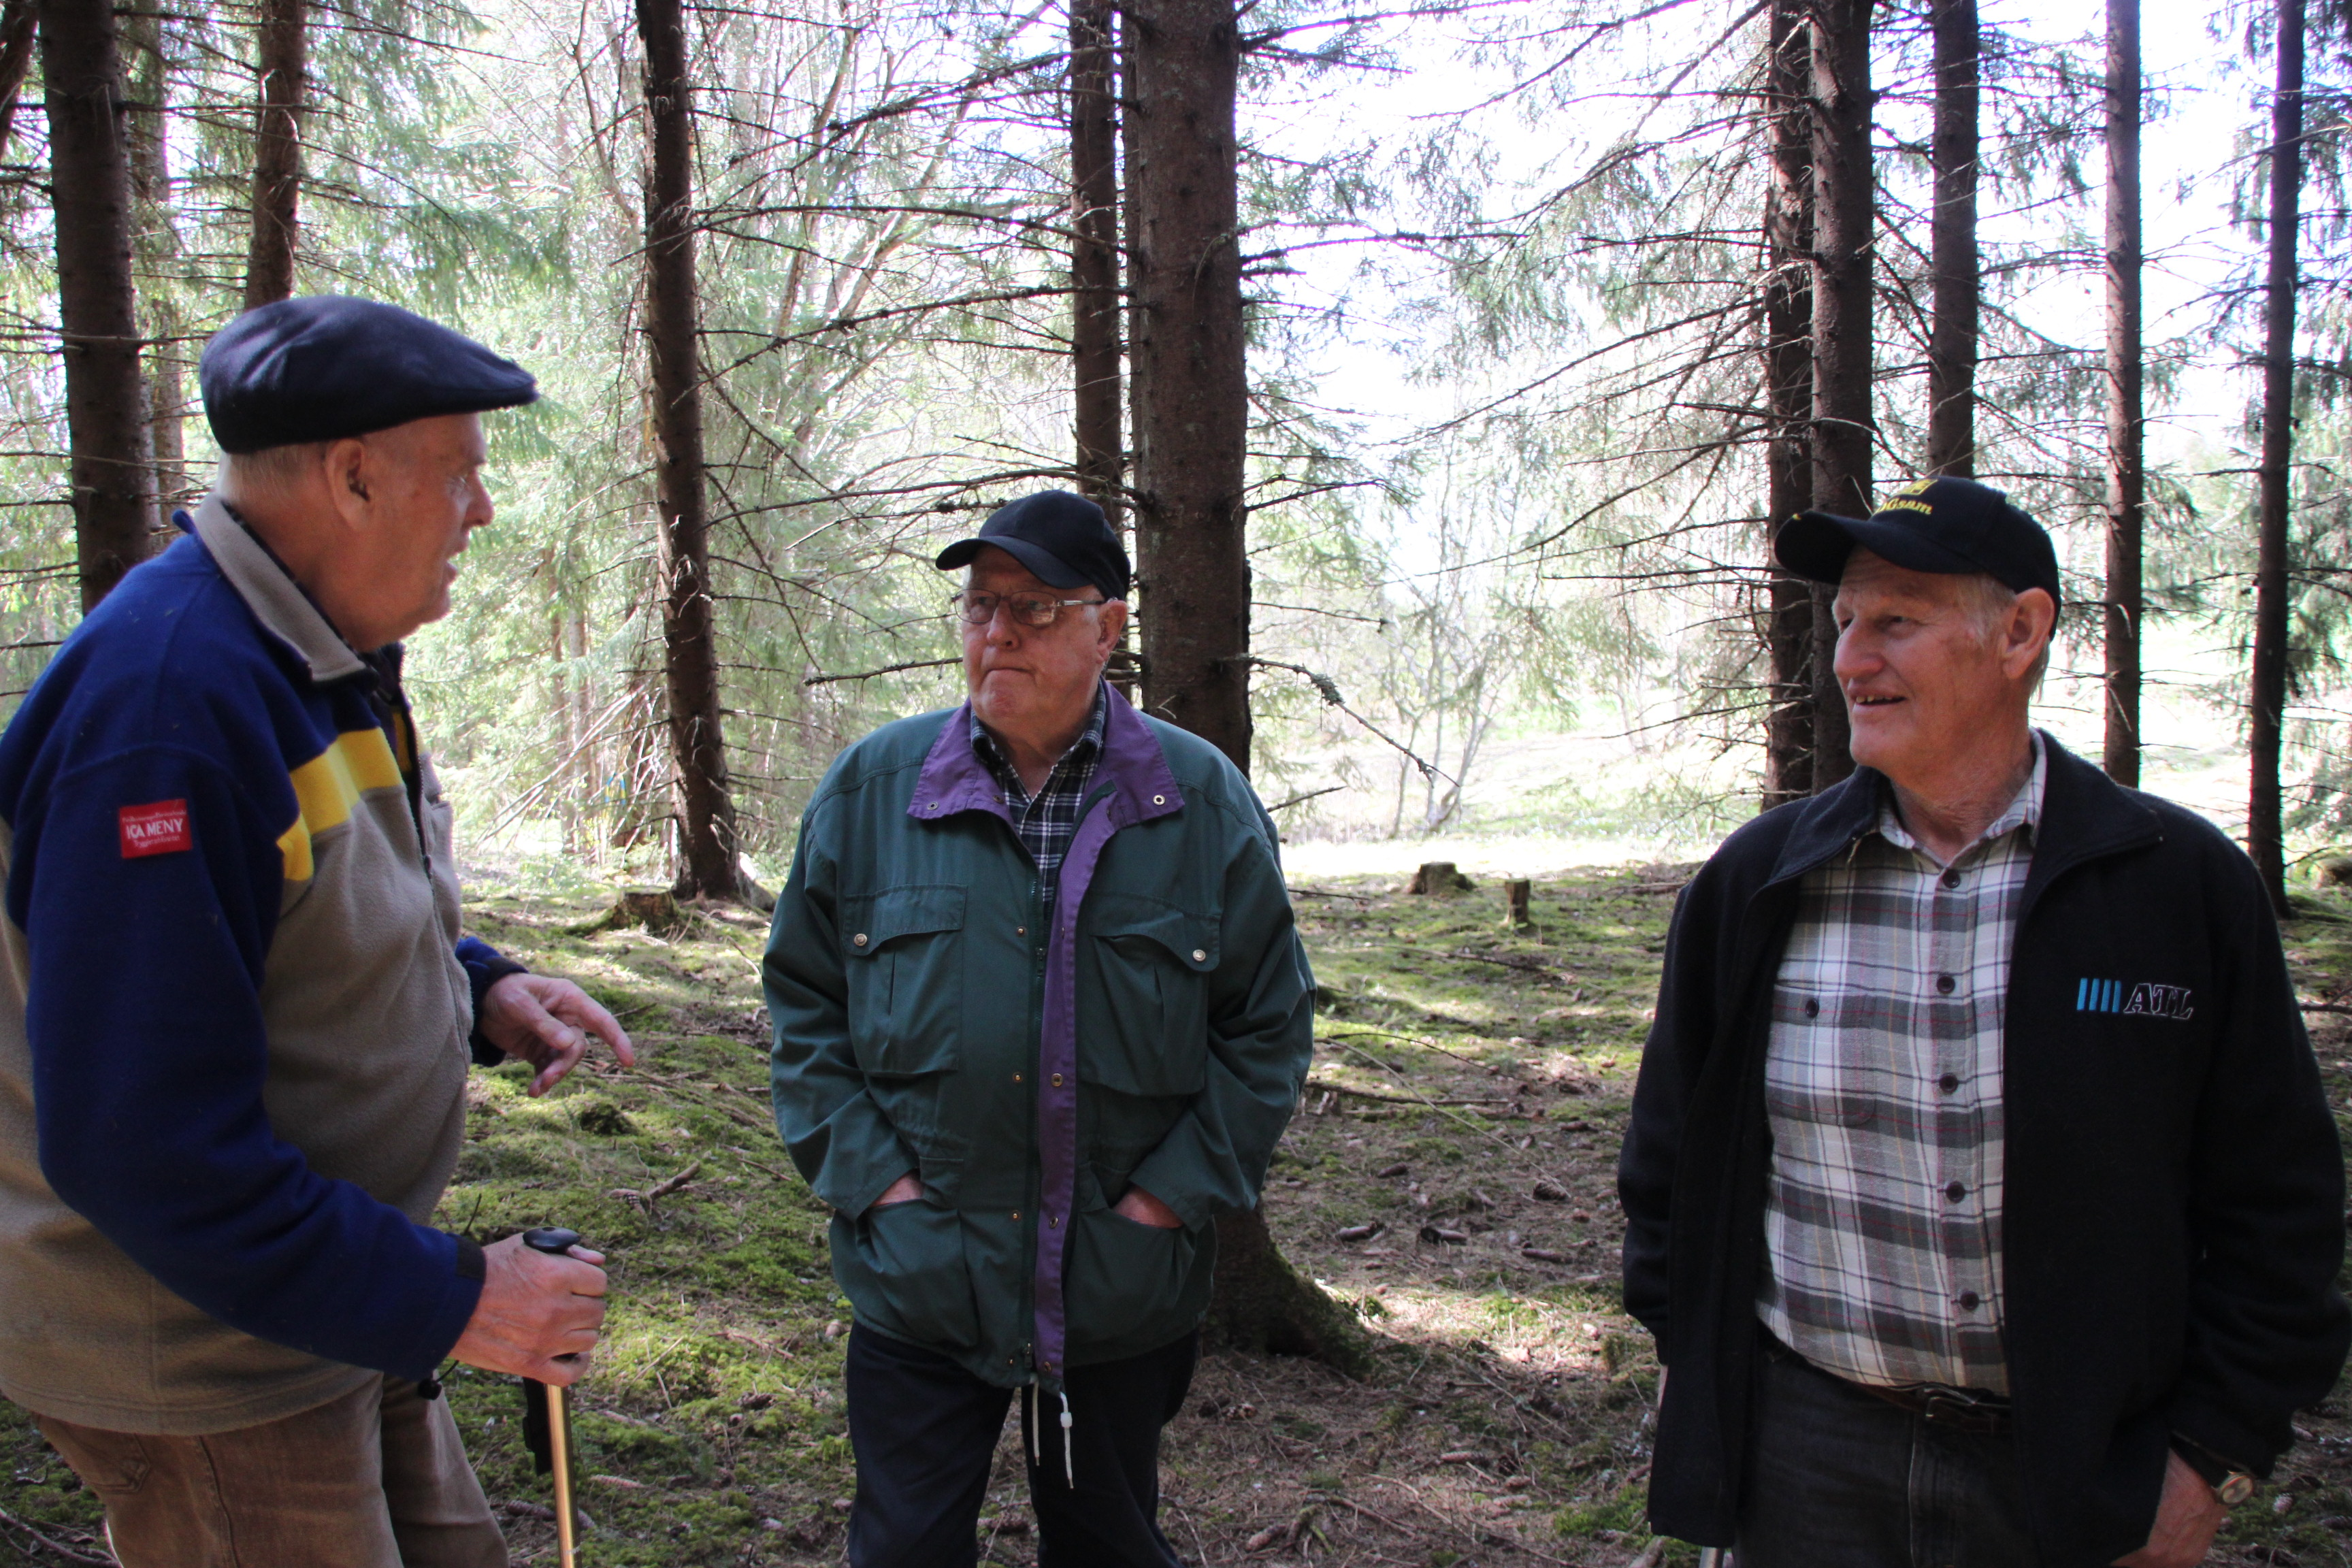 Mitt Västmanland - Bernt Olov Johansson, Ingemar Eriksson och lars Johansson.